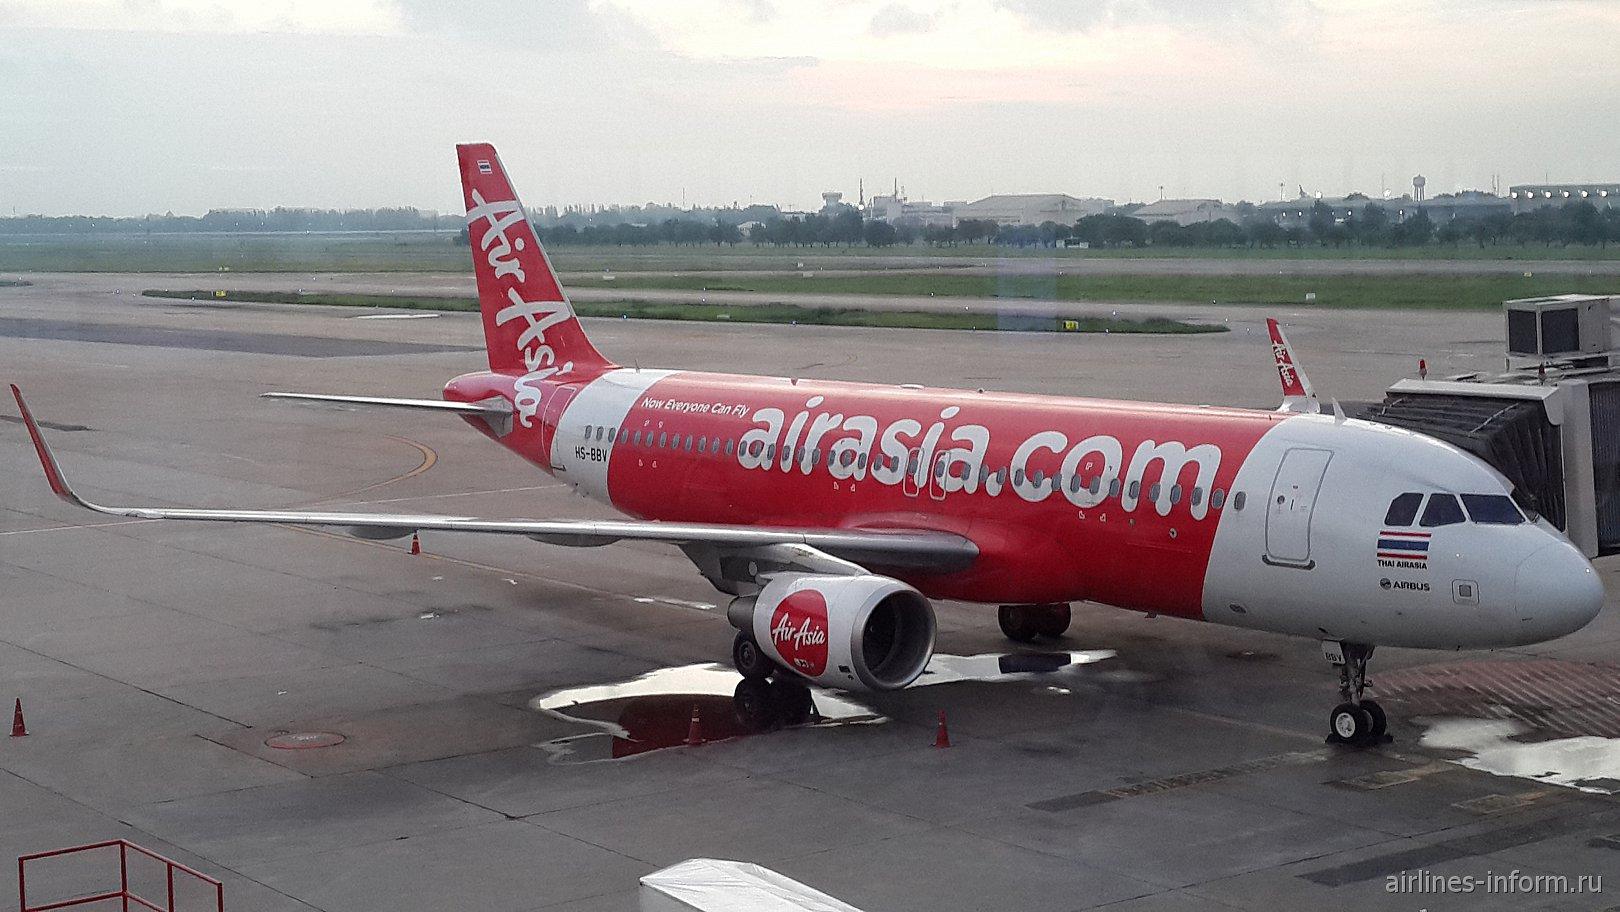 Самолёт авиакомпании Thai AirAsia в аэропорту Дон Муанг (г. Бангкок, Таиланд)